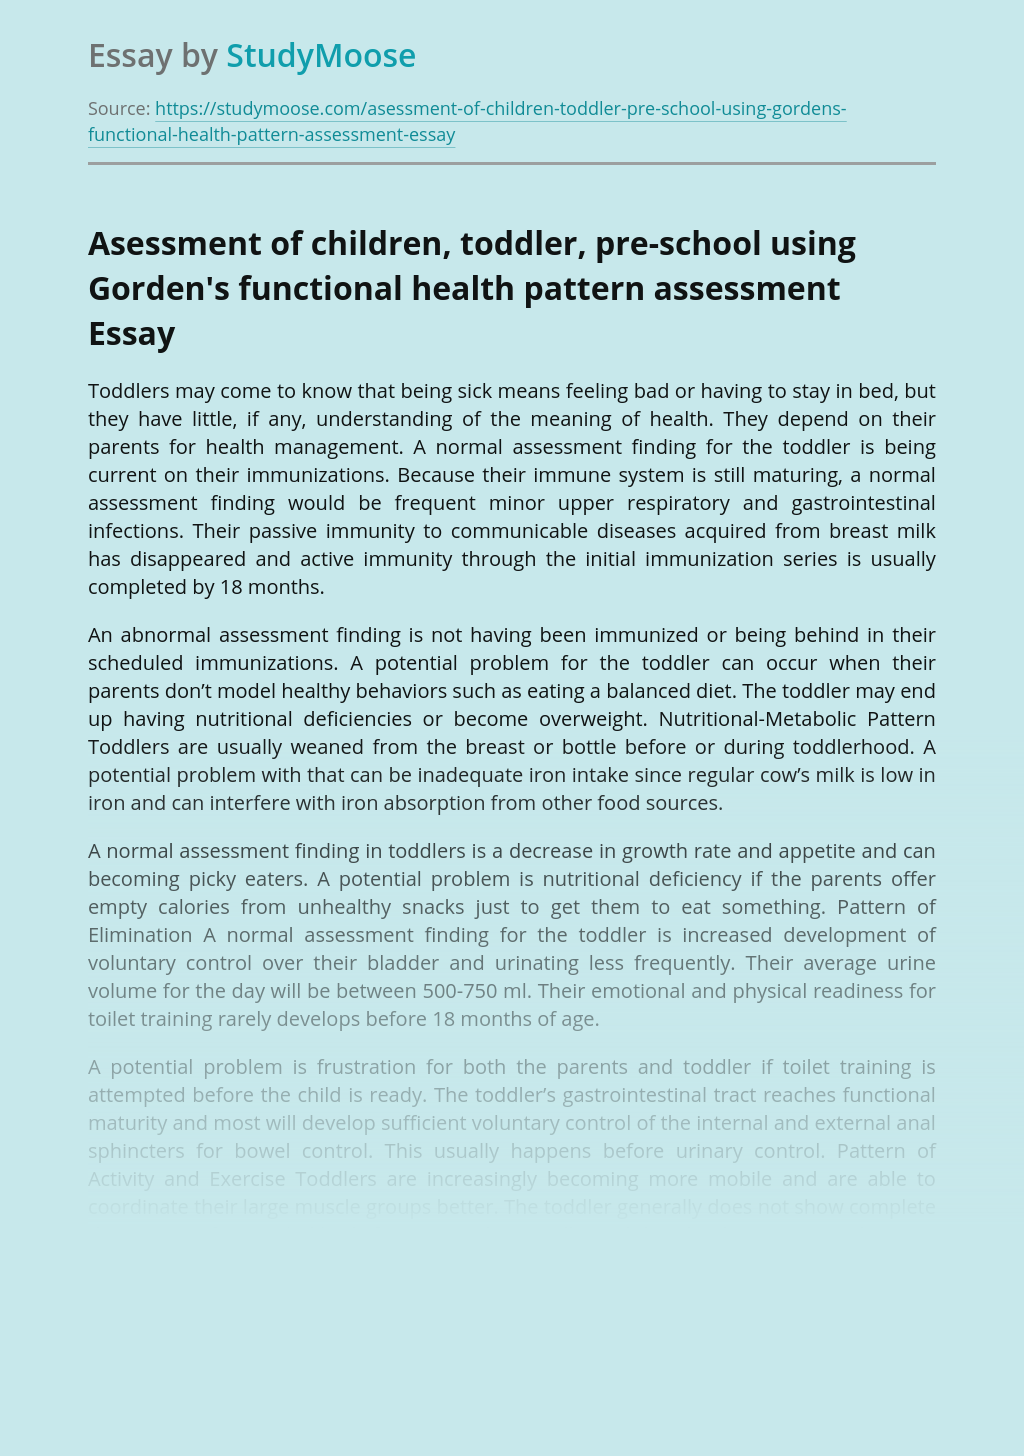 Asessment of children, toddler, pre-school using Gorden's functional health pattern assessment